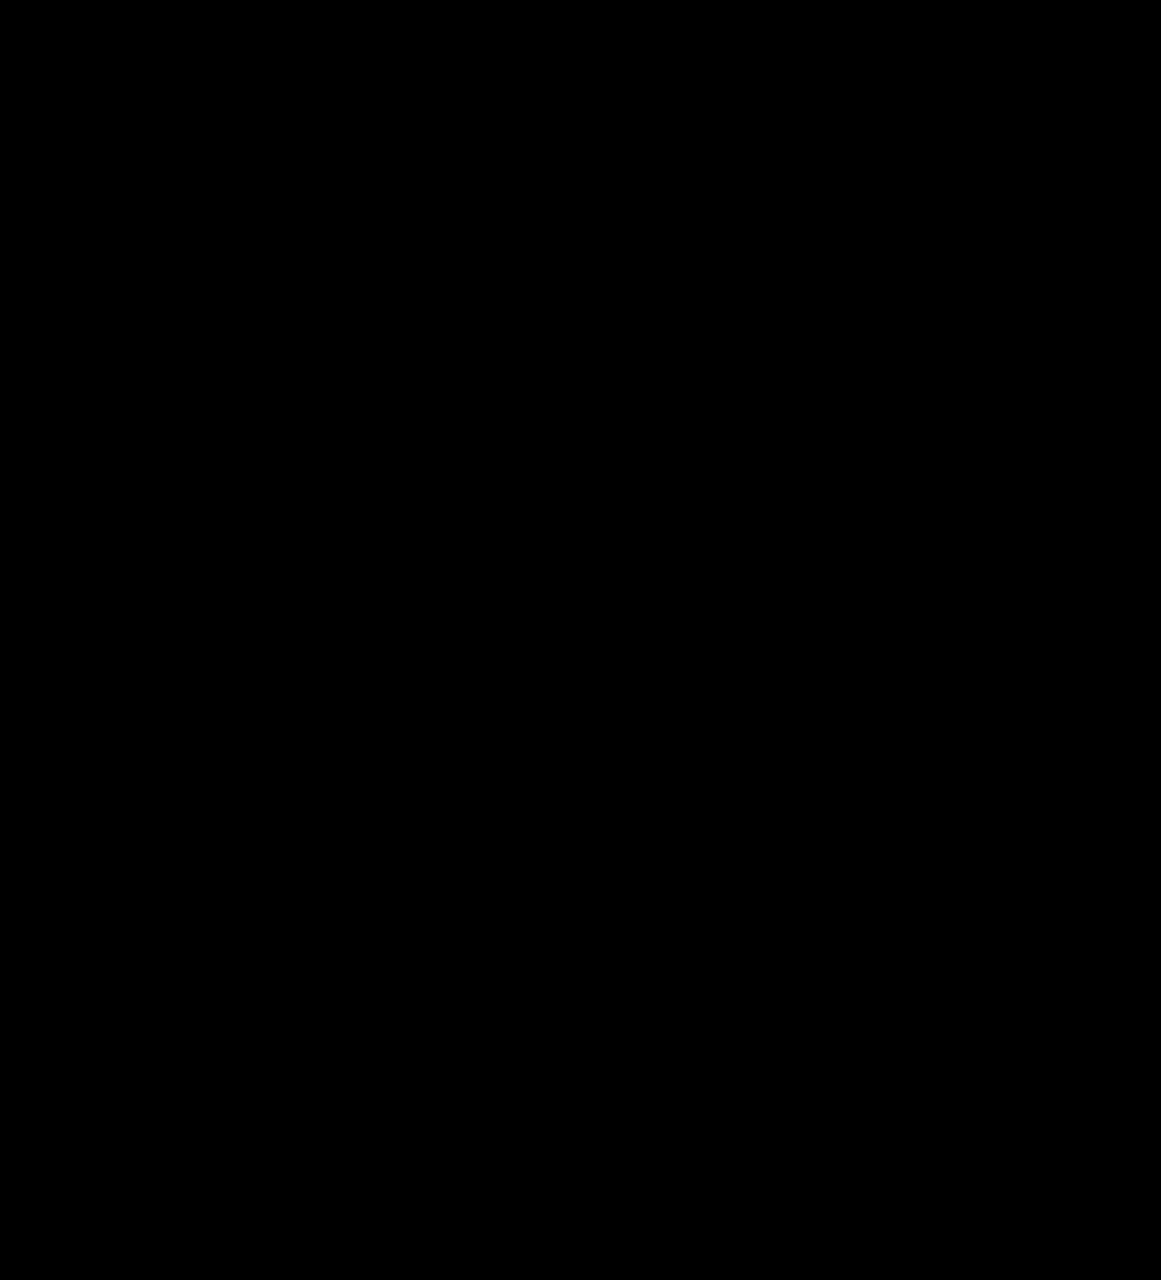 100 ಡಬ್ಬಲ್ ಮೀನಿಂಗ ಮಾತುಗಳು ;